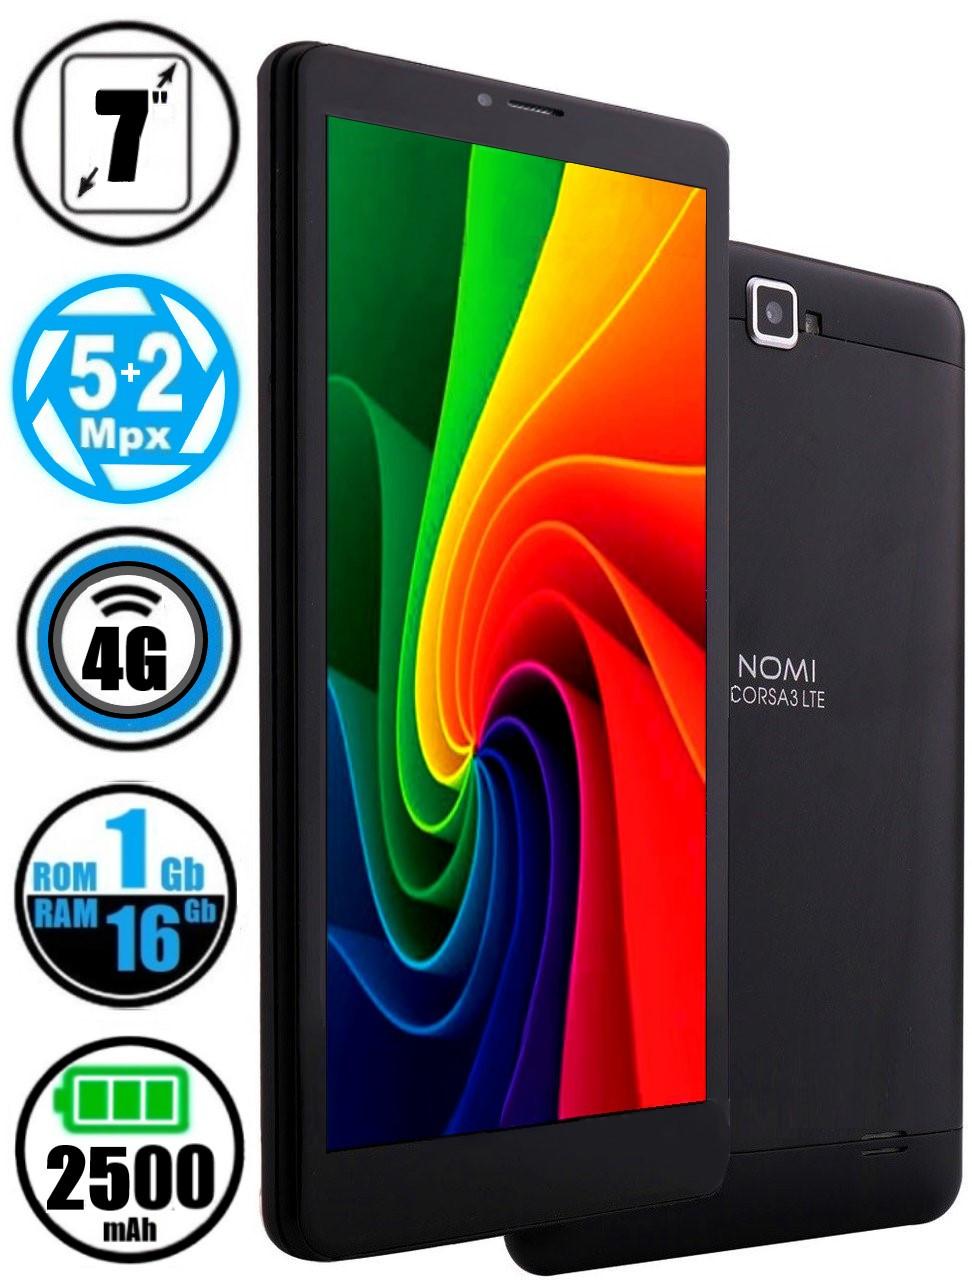 Планшет Nomi C070030 Corsa 3 LTE Black 2-Sim (4G)+Стартовый пакет в подарок